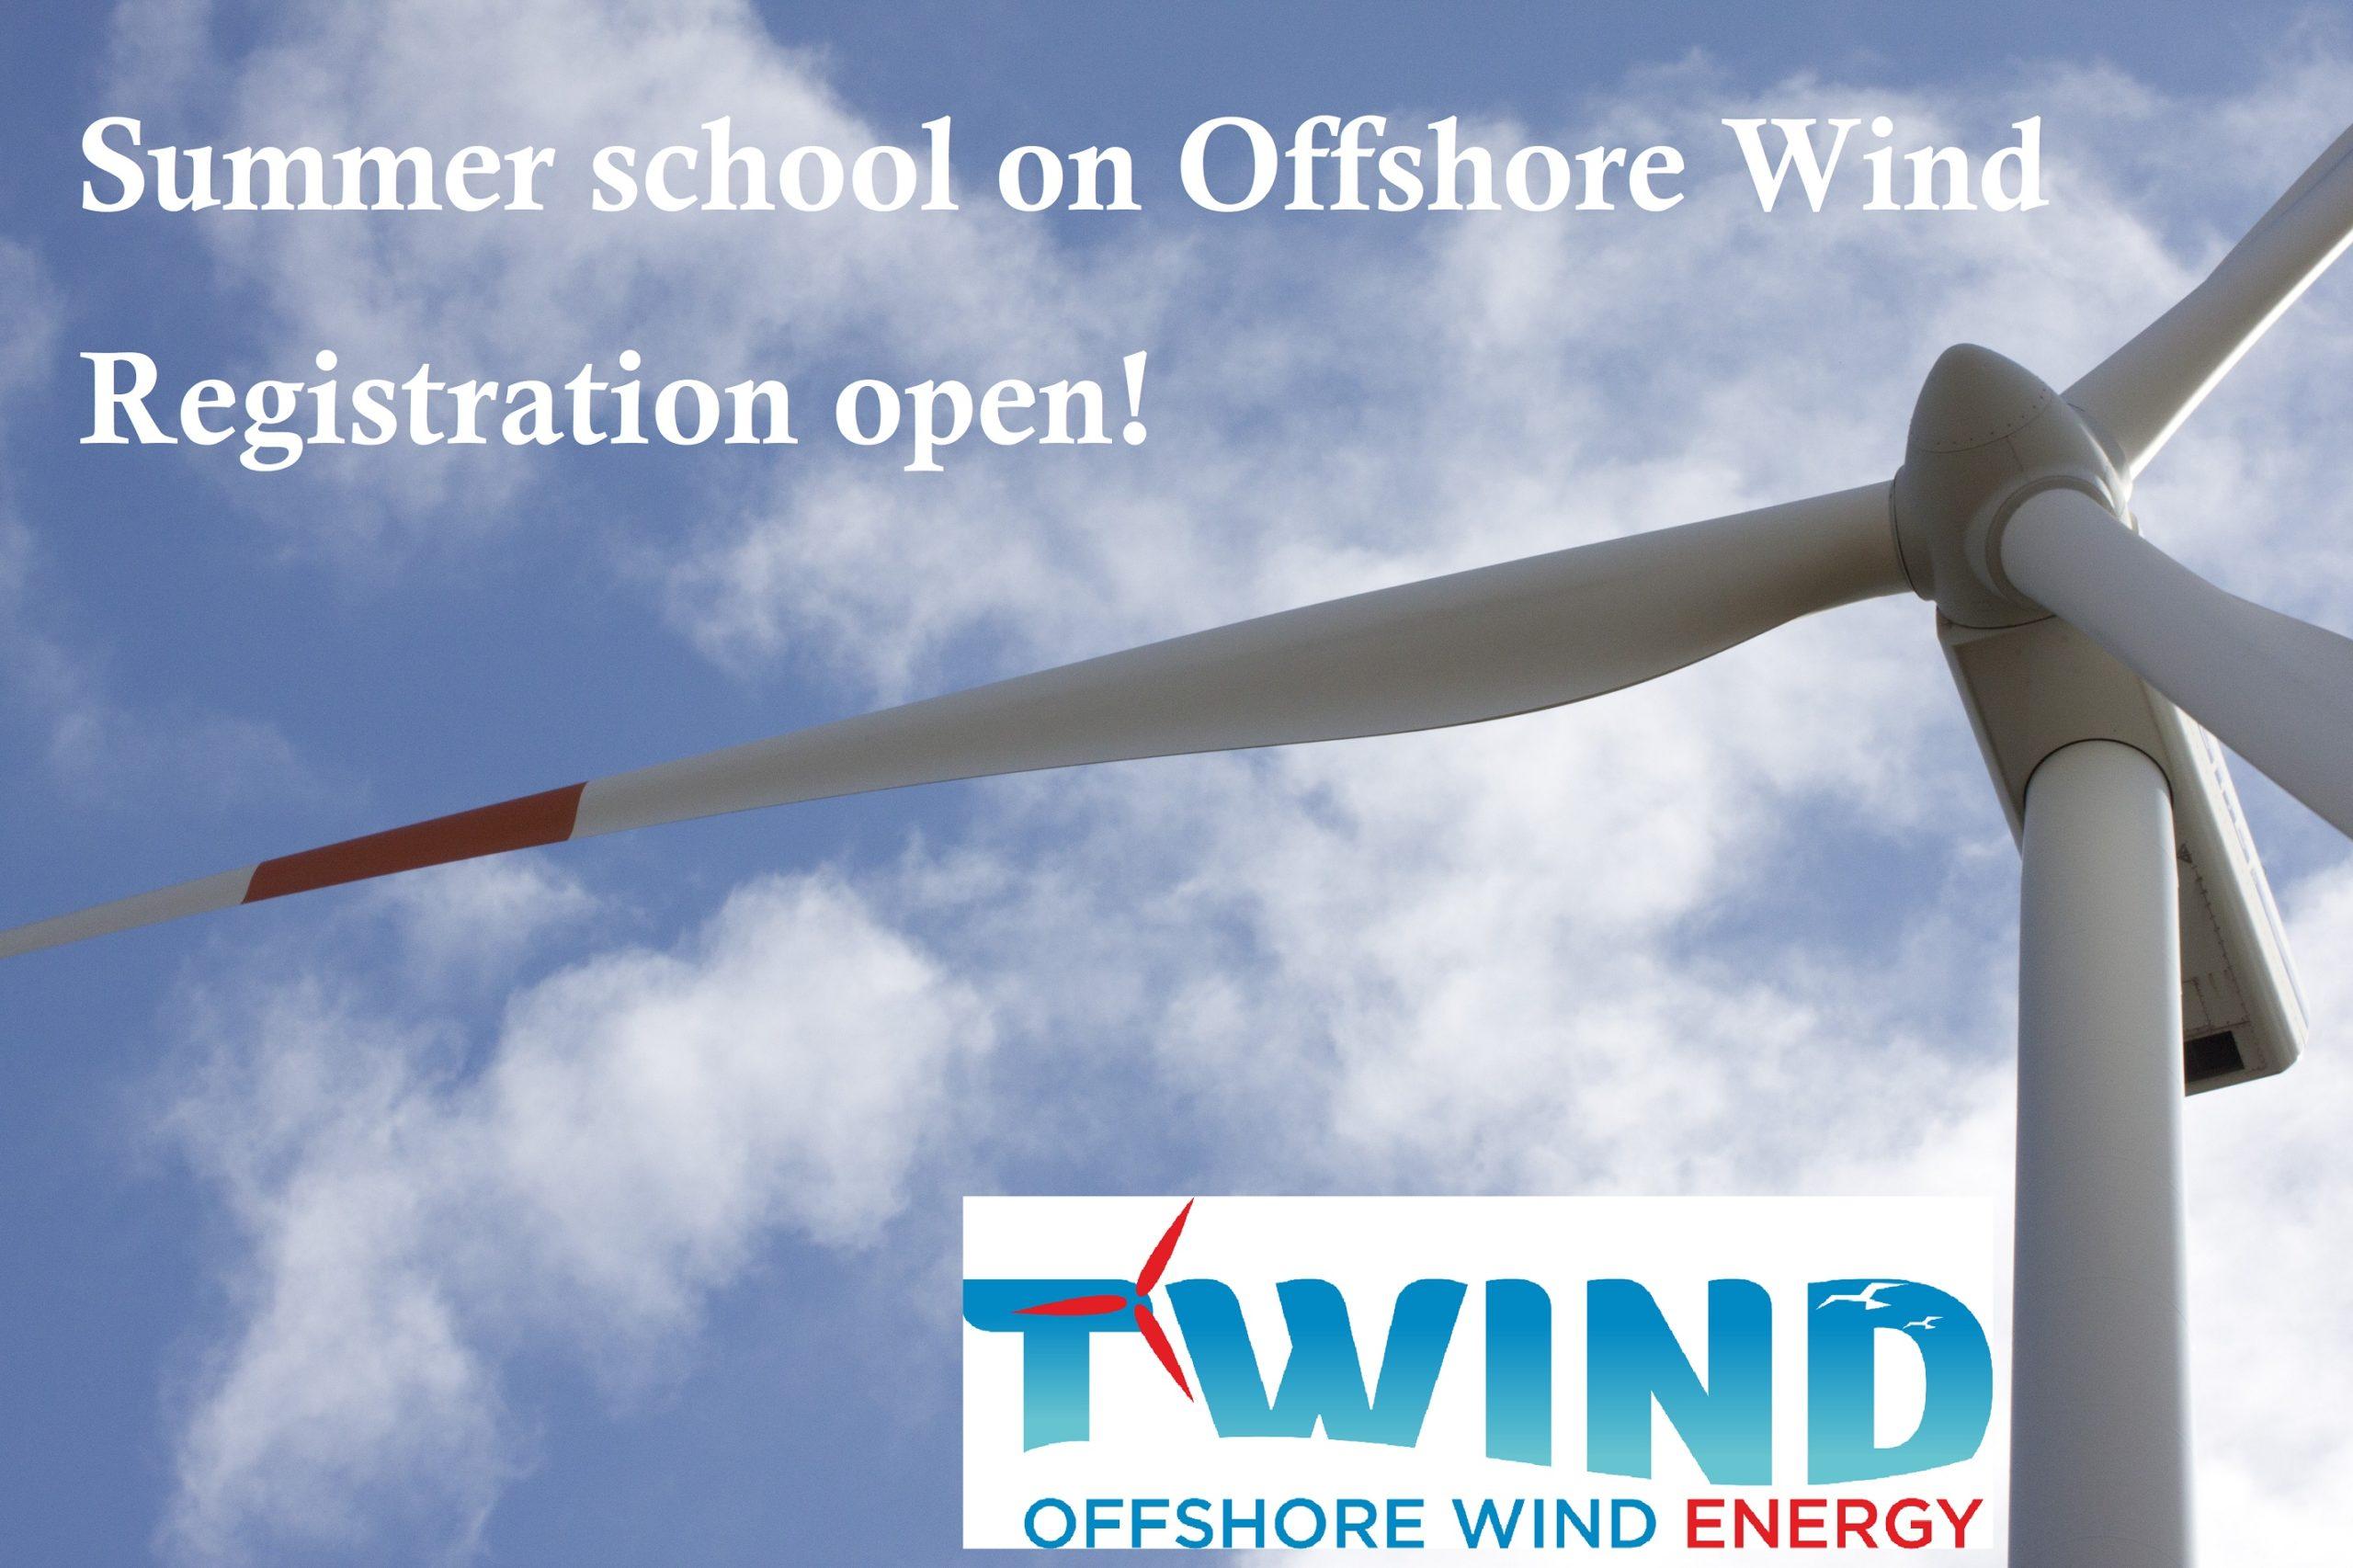 Offshore wind summer school